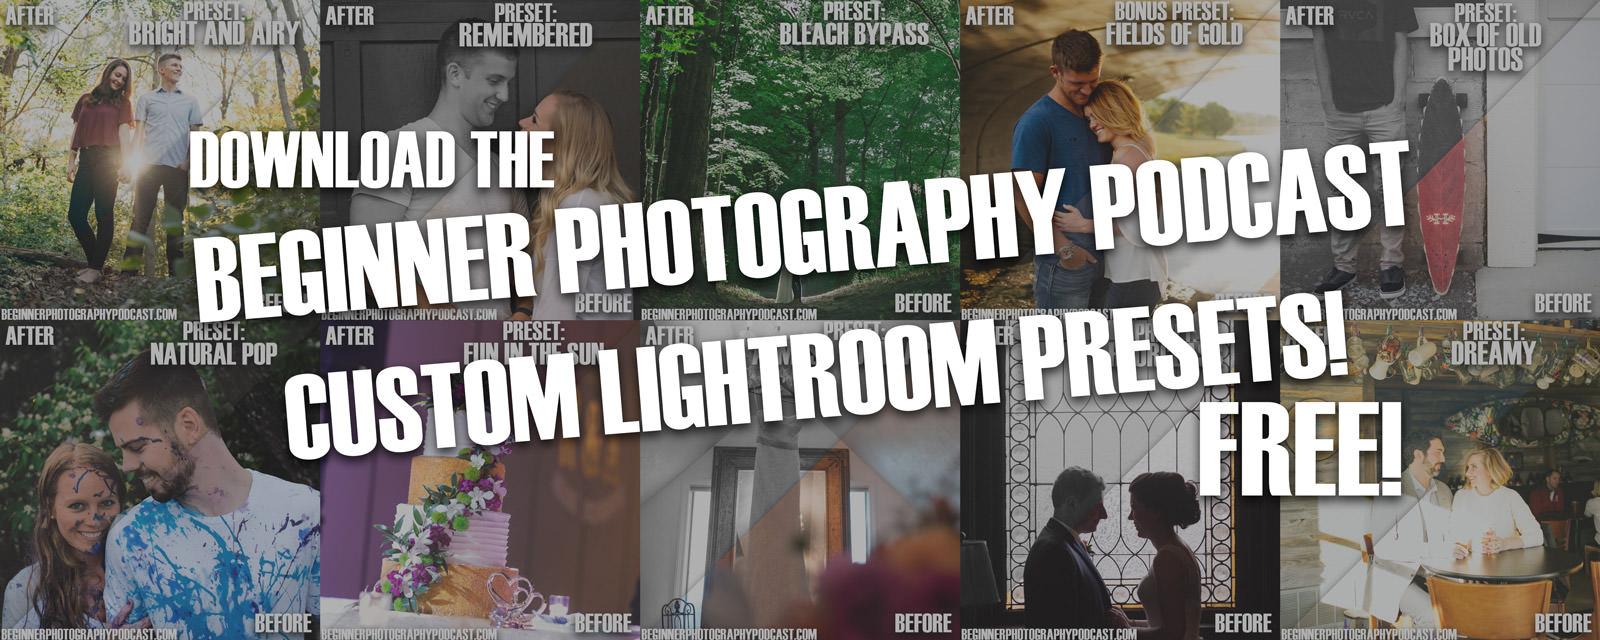 Free-lightroom-presets